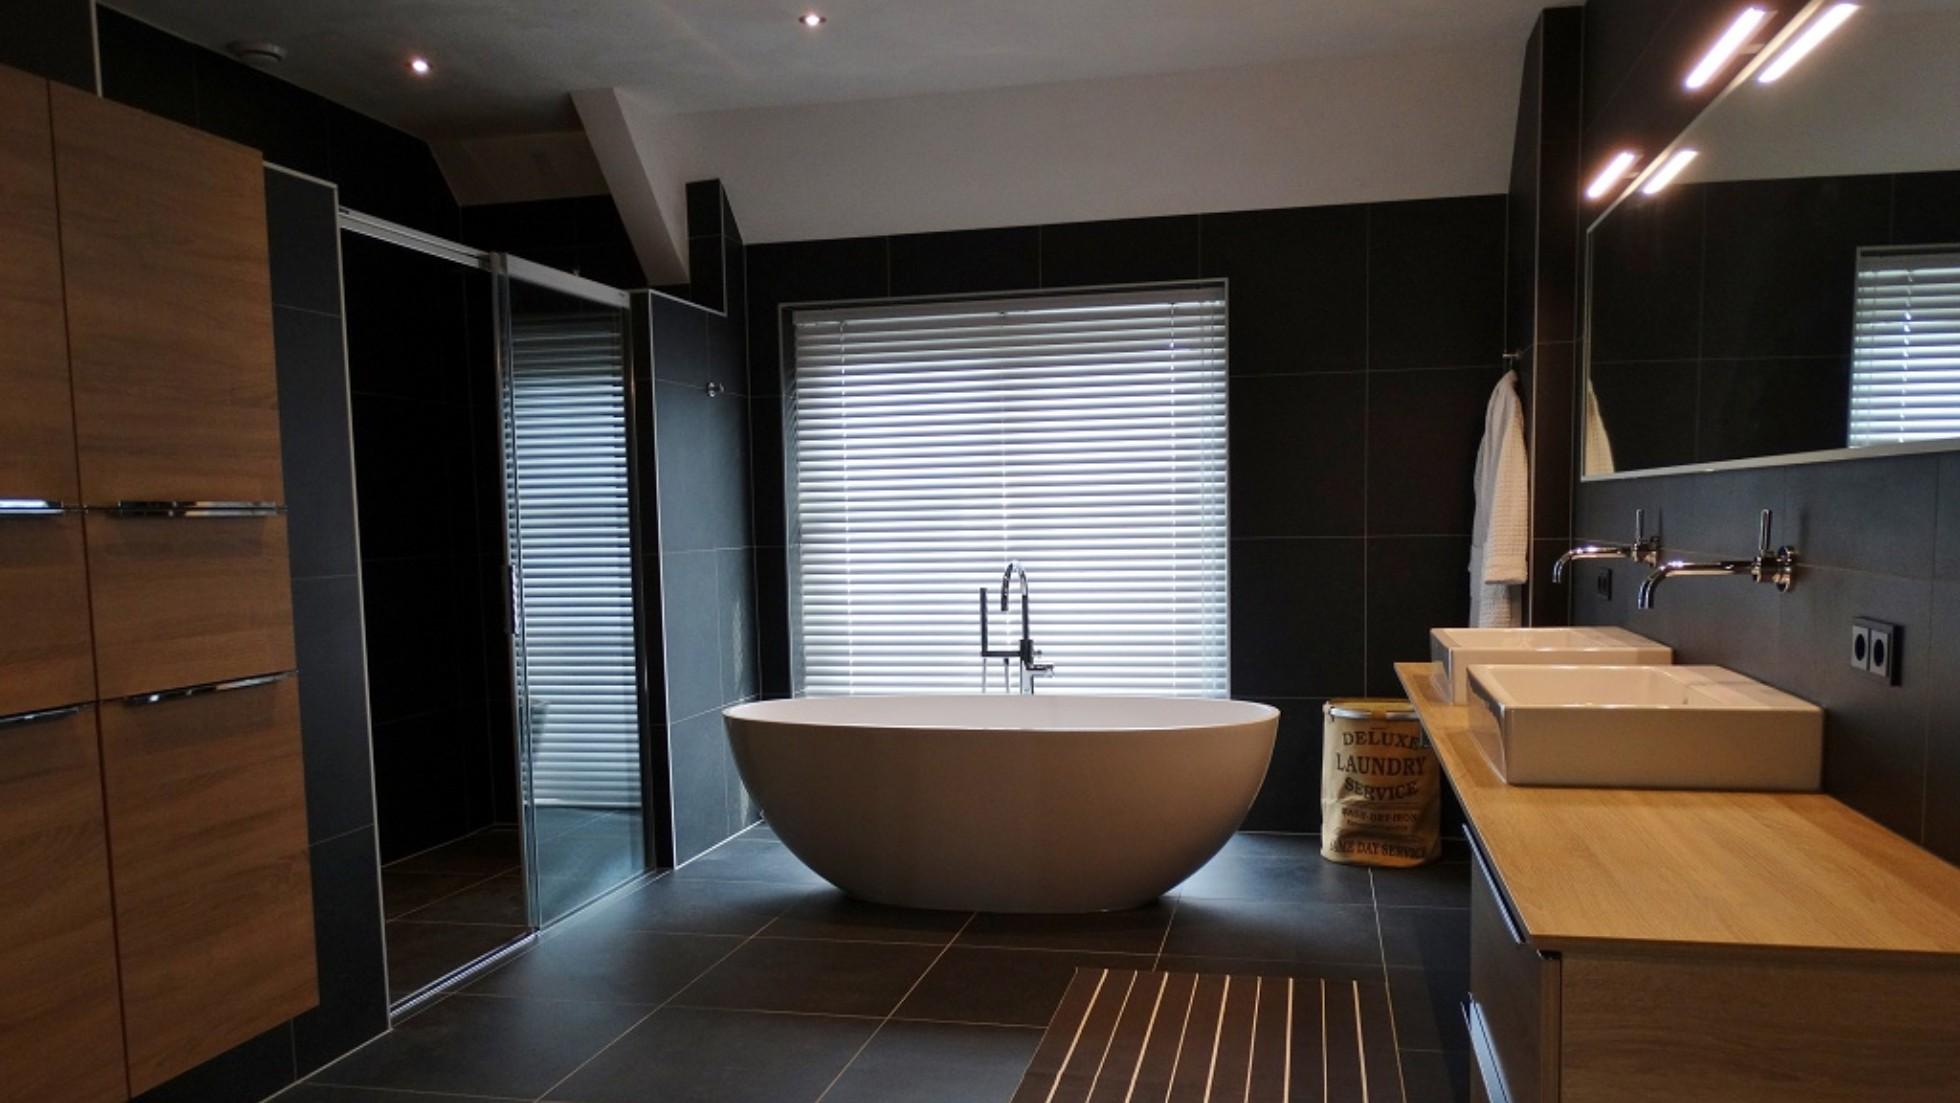 Concordia keuken & bad bij onze klanten badkamer voorzien van